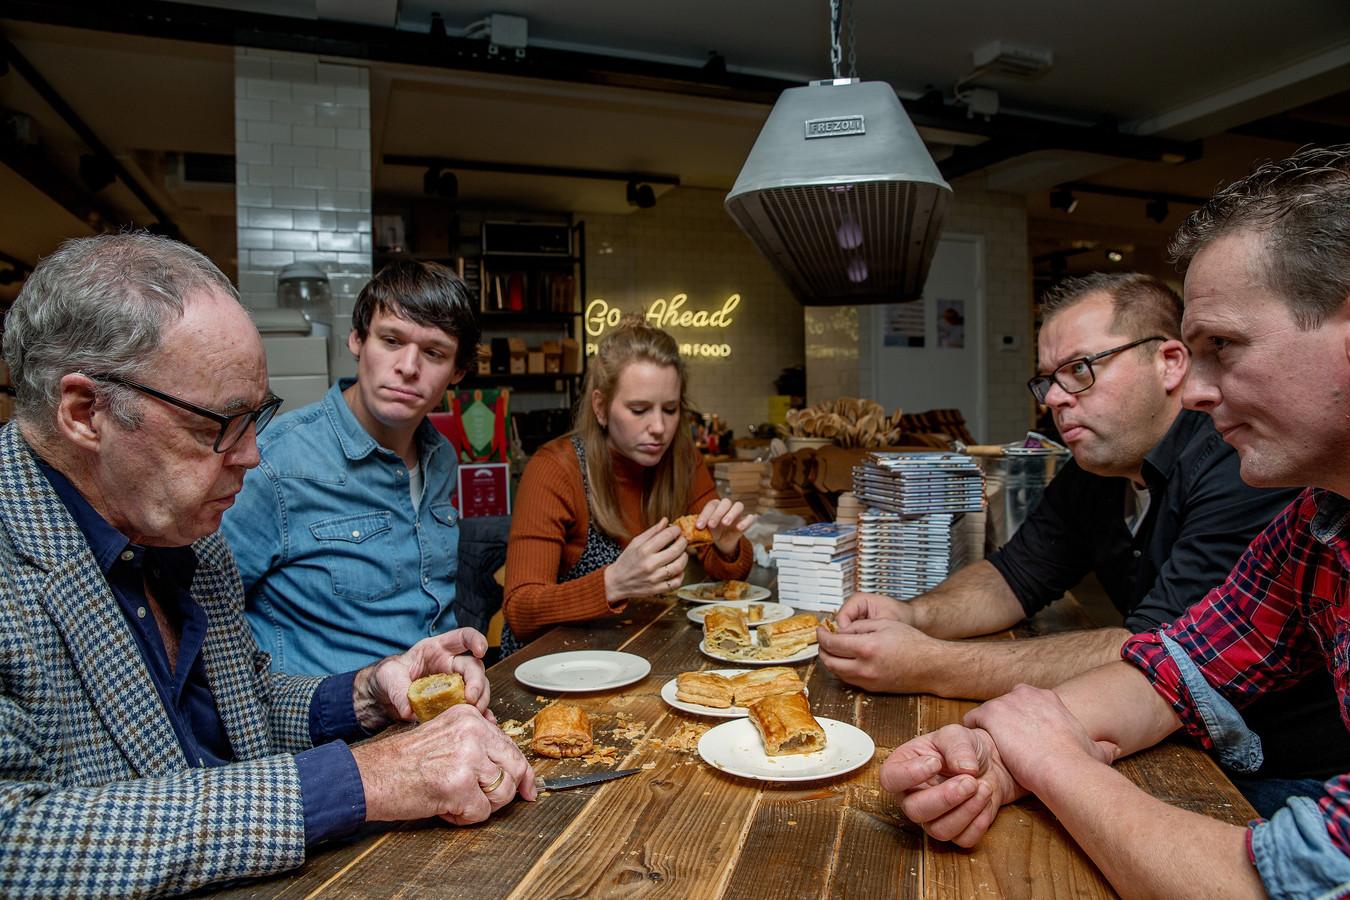 De jury:  Cees Holtkamp (77): Amsterdams banketbakicoon. Bakte duizenden saucijzenbroodjes. Rutger van den Broek (33): Winnaar van het eerste seizoen Heel Holland Bakt. Anne-Marij de Koning (29): Bevlogen baktalent; van bokkenpoten tot bolletjes. Hiljo Hillebrand (39): Meesterboulanger en schrijver van De Broodbijbel. Peter van Ancum (41): Saucijzenspecialist van slagerij Chateau Briand.